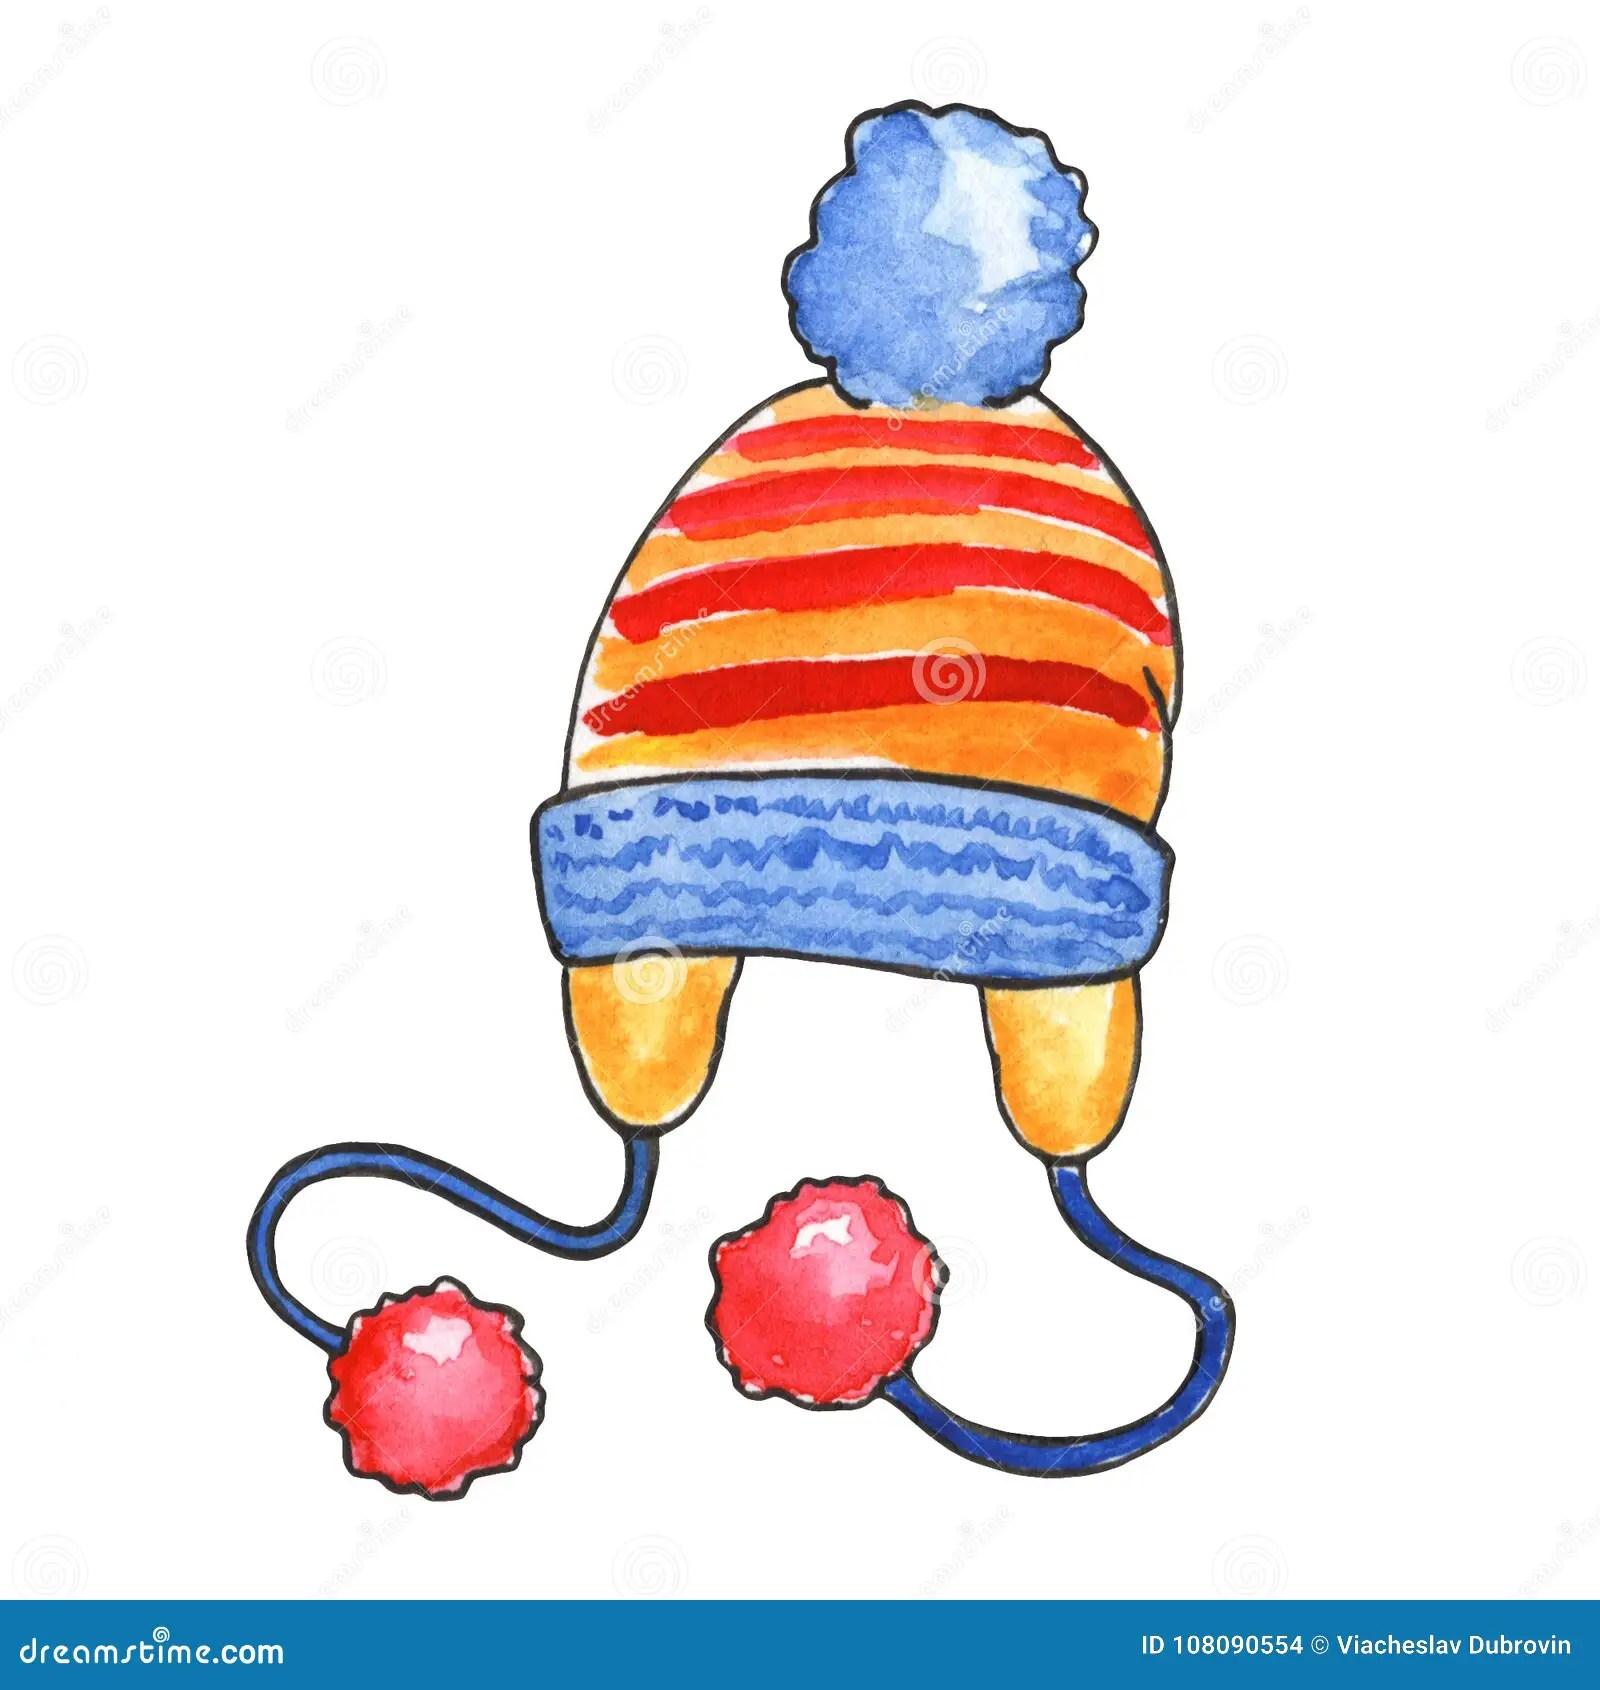 hight resolution of ejemplo hecho punto de la acuarela del sombrero en el fondo blanco el invierno caliente viste el clipart casquillo hecho punto con los pompones aislados